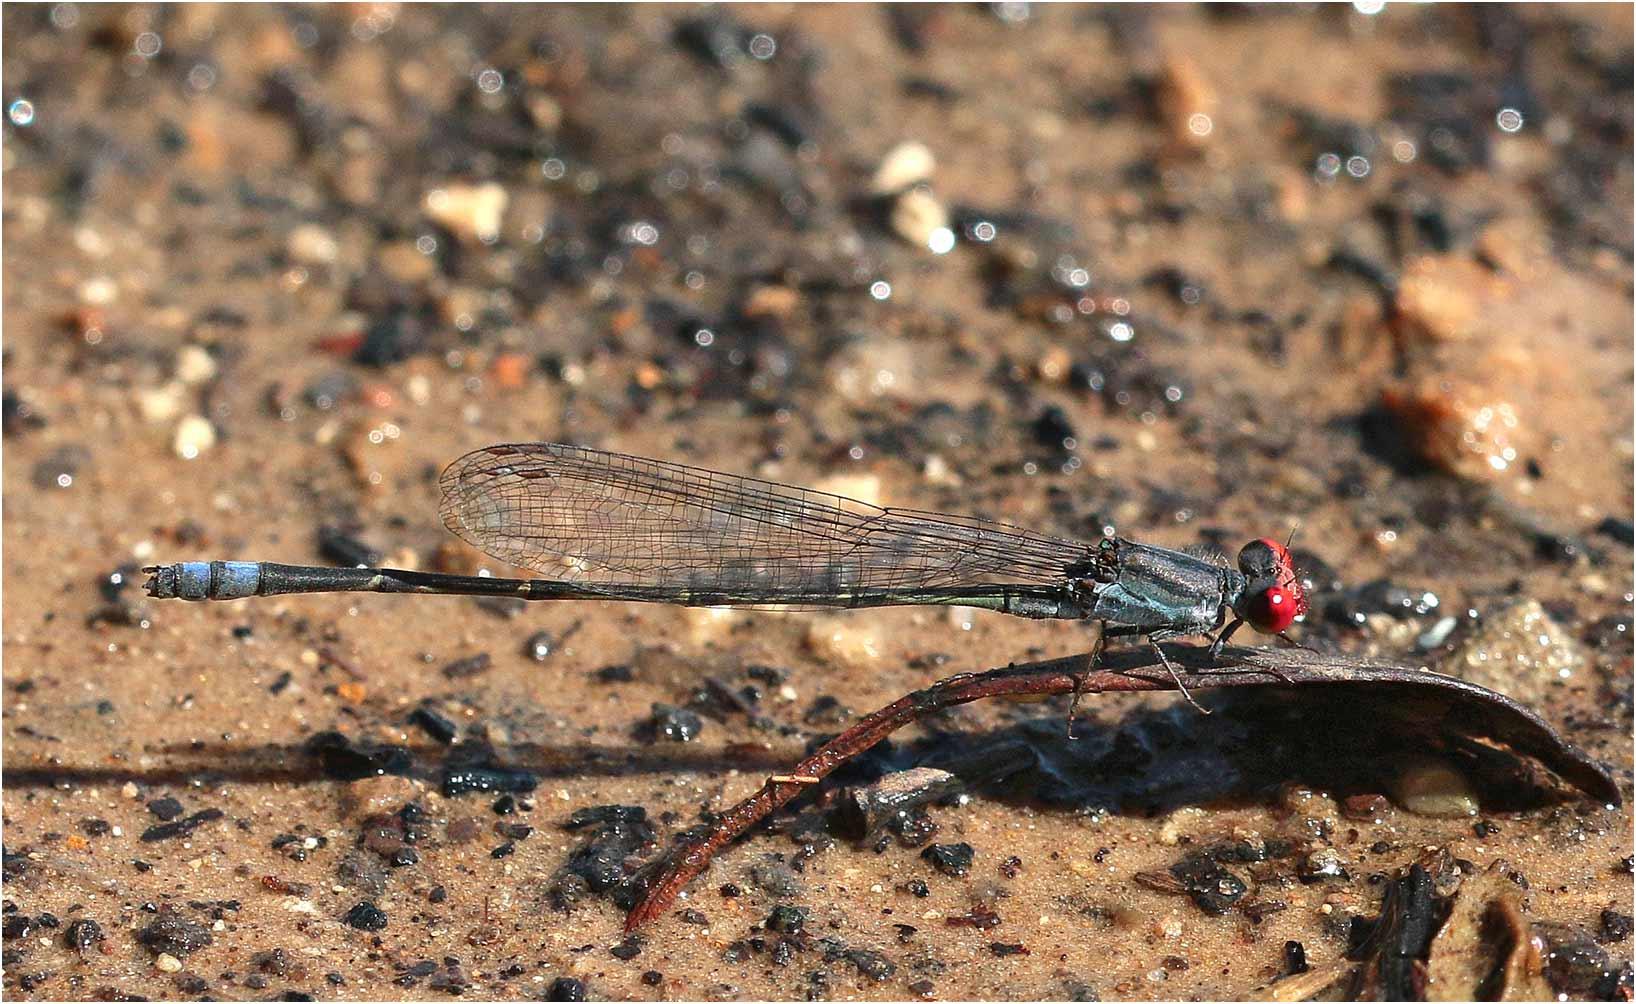 Pseudagrion sublacteum mâle, Namibie, Katima Mulilo sur le Zambèze, 13/02/2020